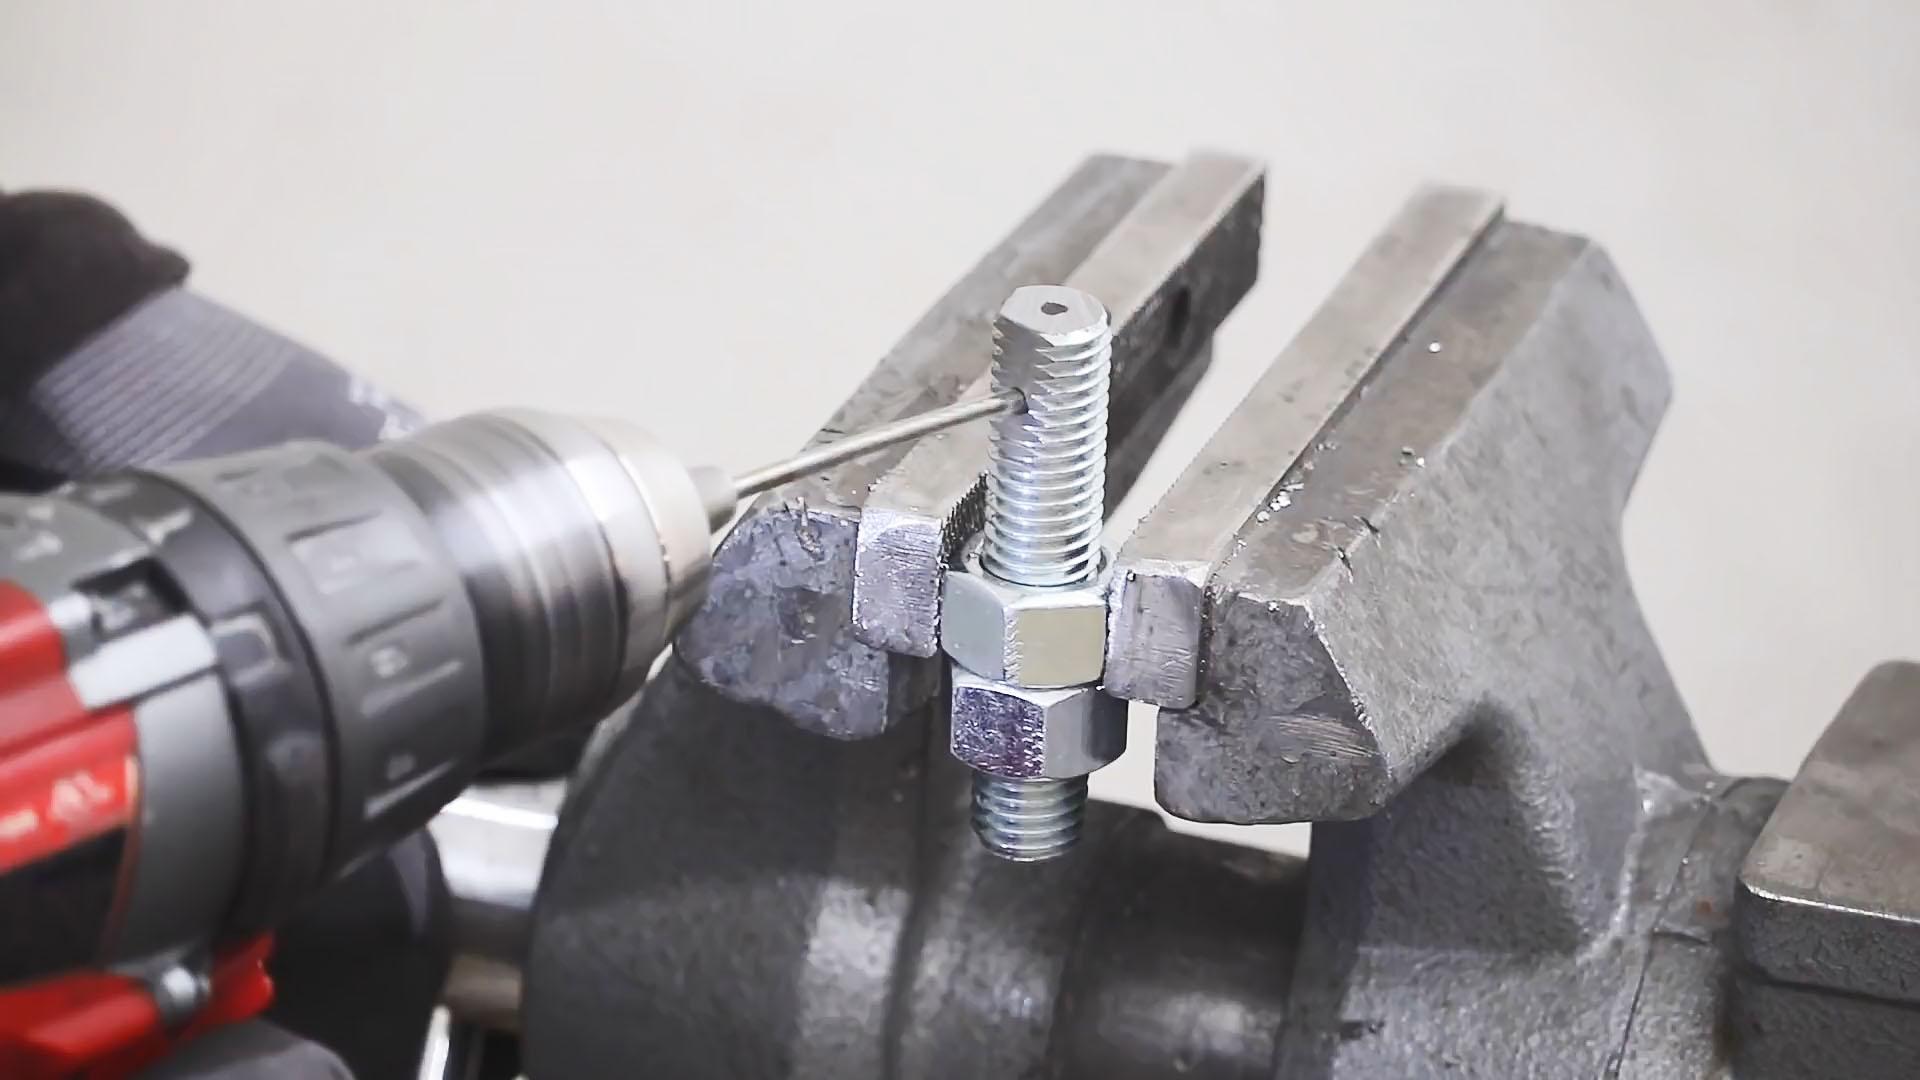 Удобный регулируемый циркуль для разметки по листовой стали из старого динамика